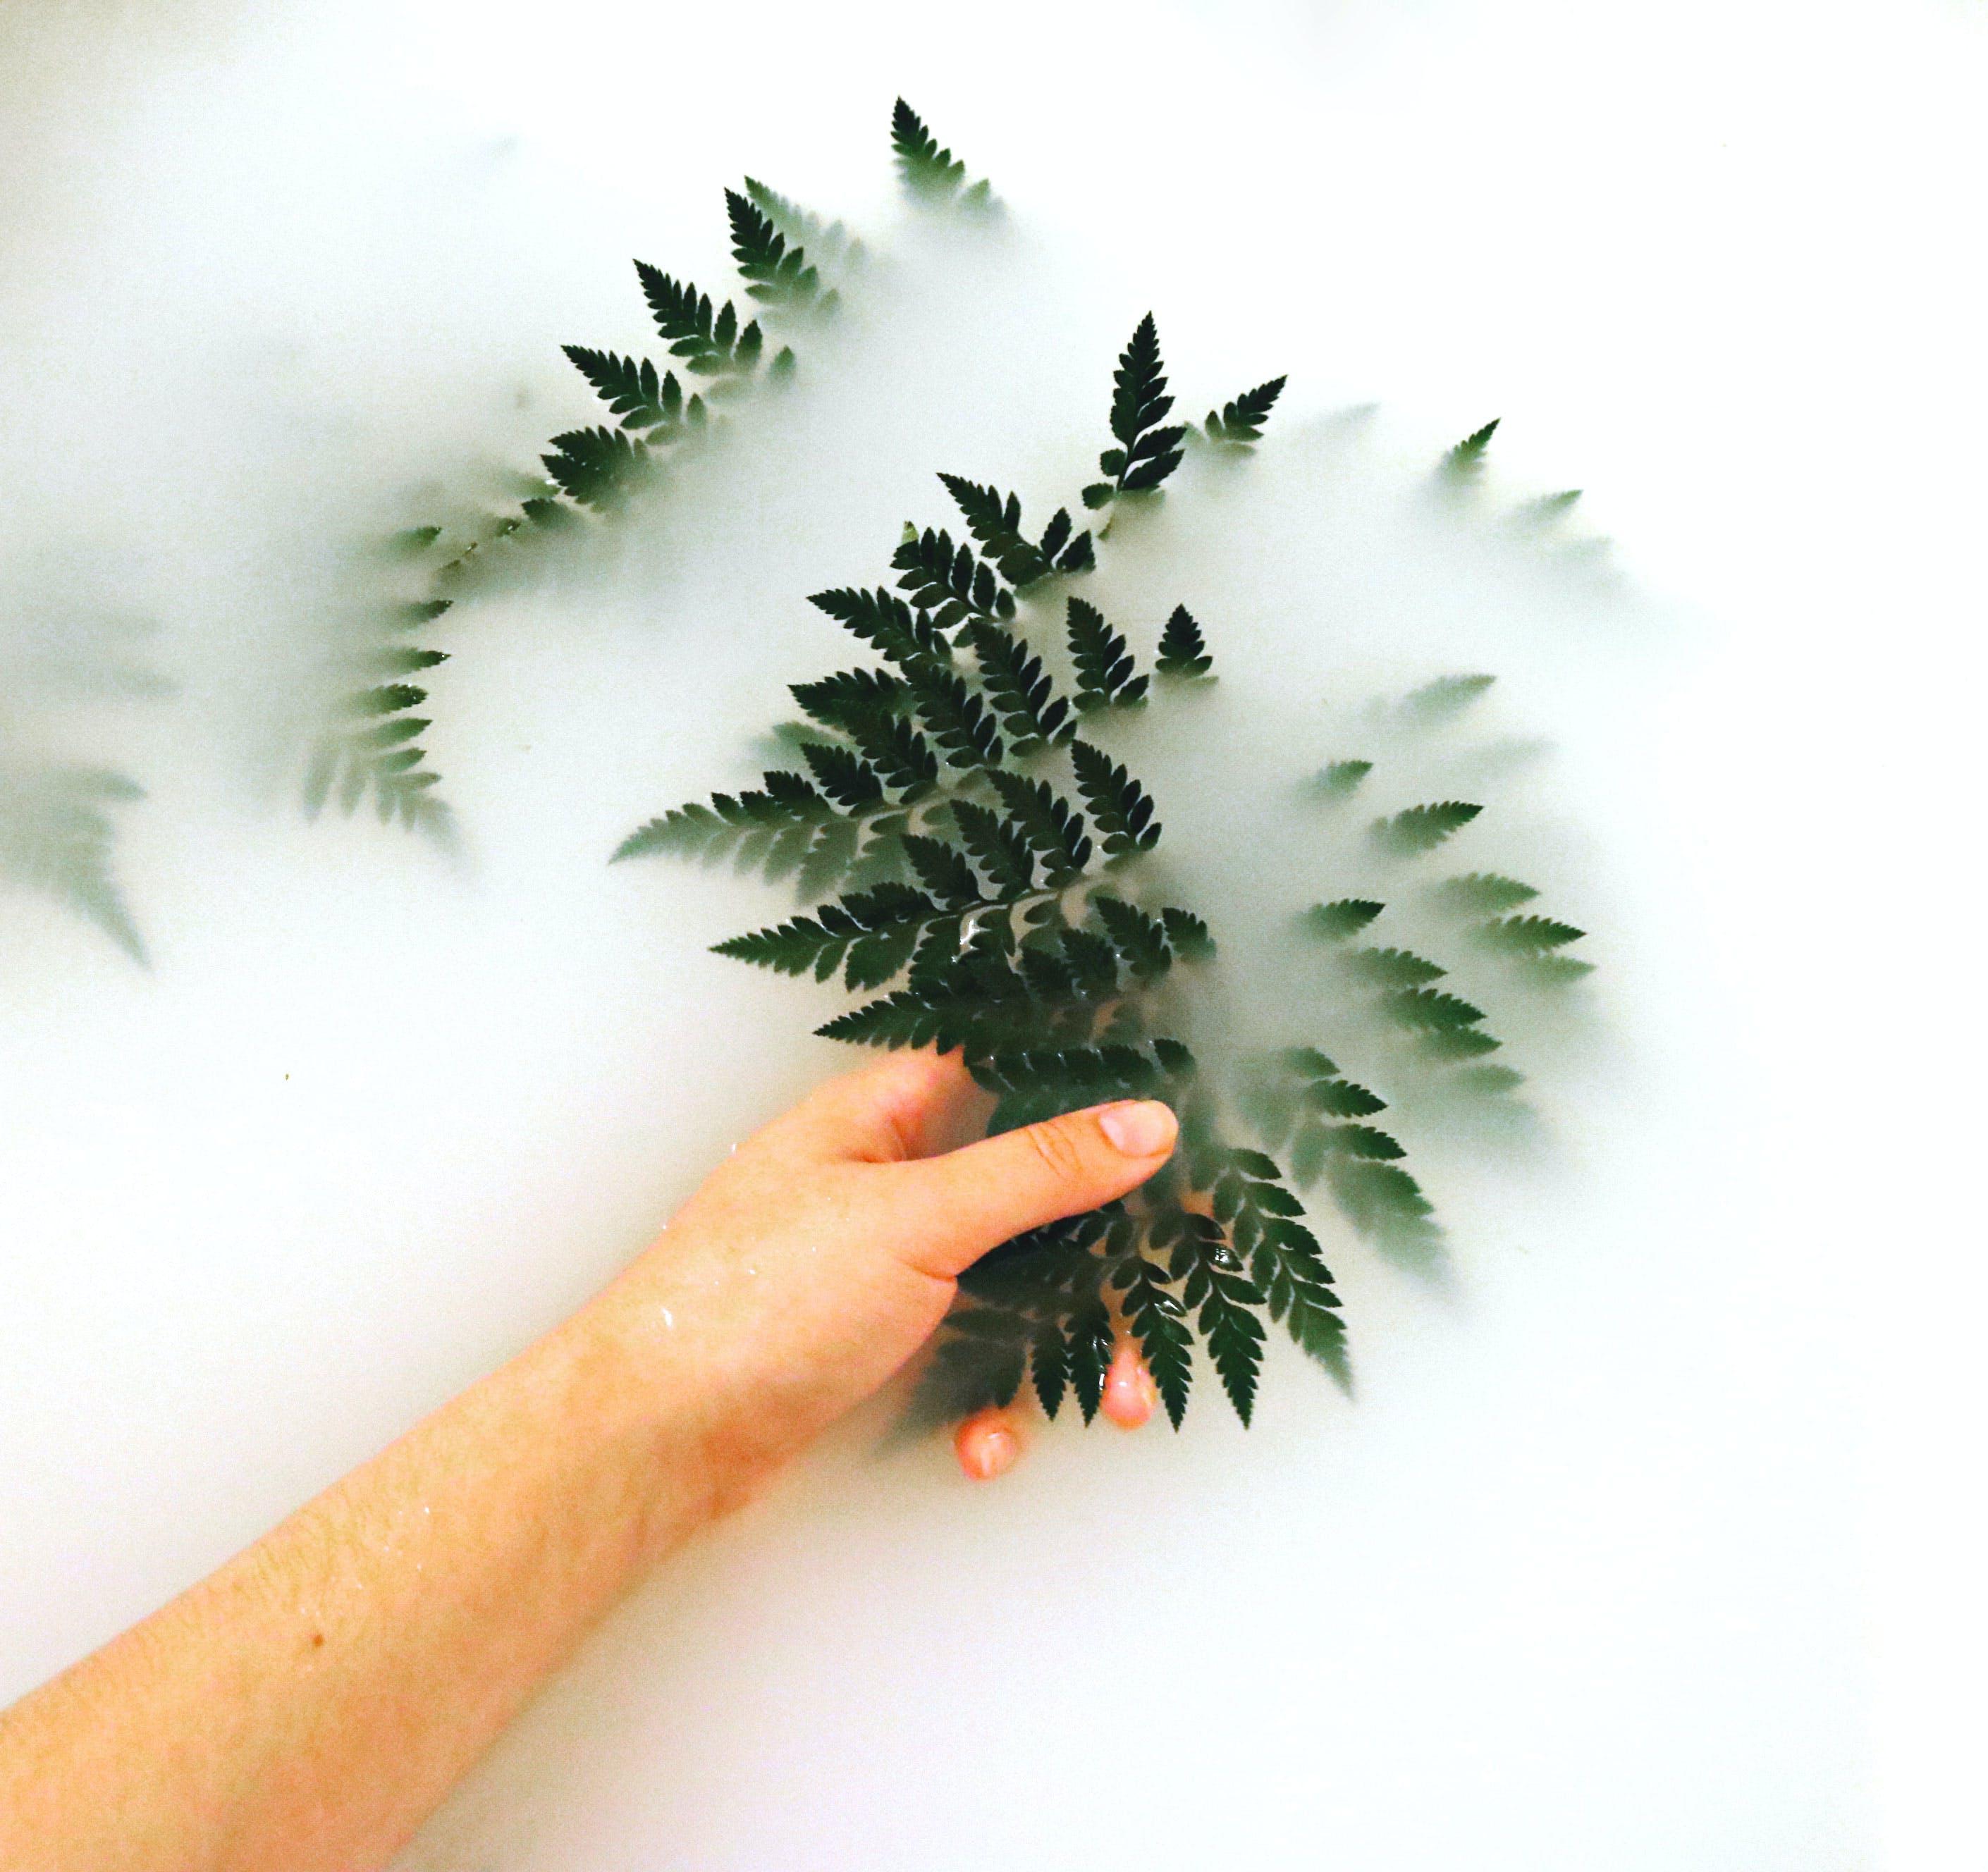 くつろぎ, ぼかし, シダ, シダの葉の無料の写真素材